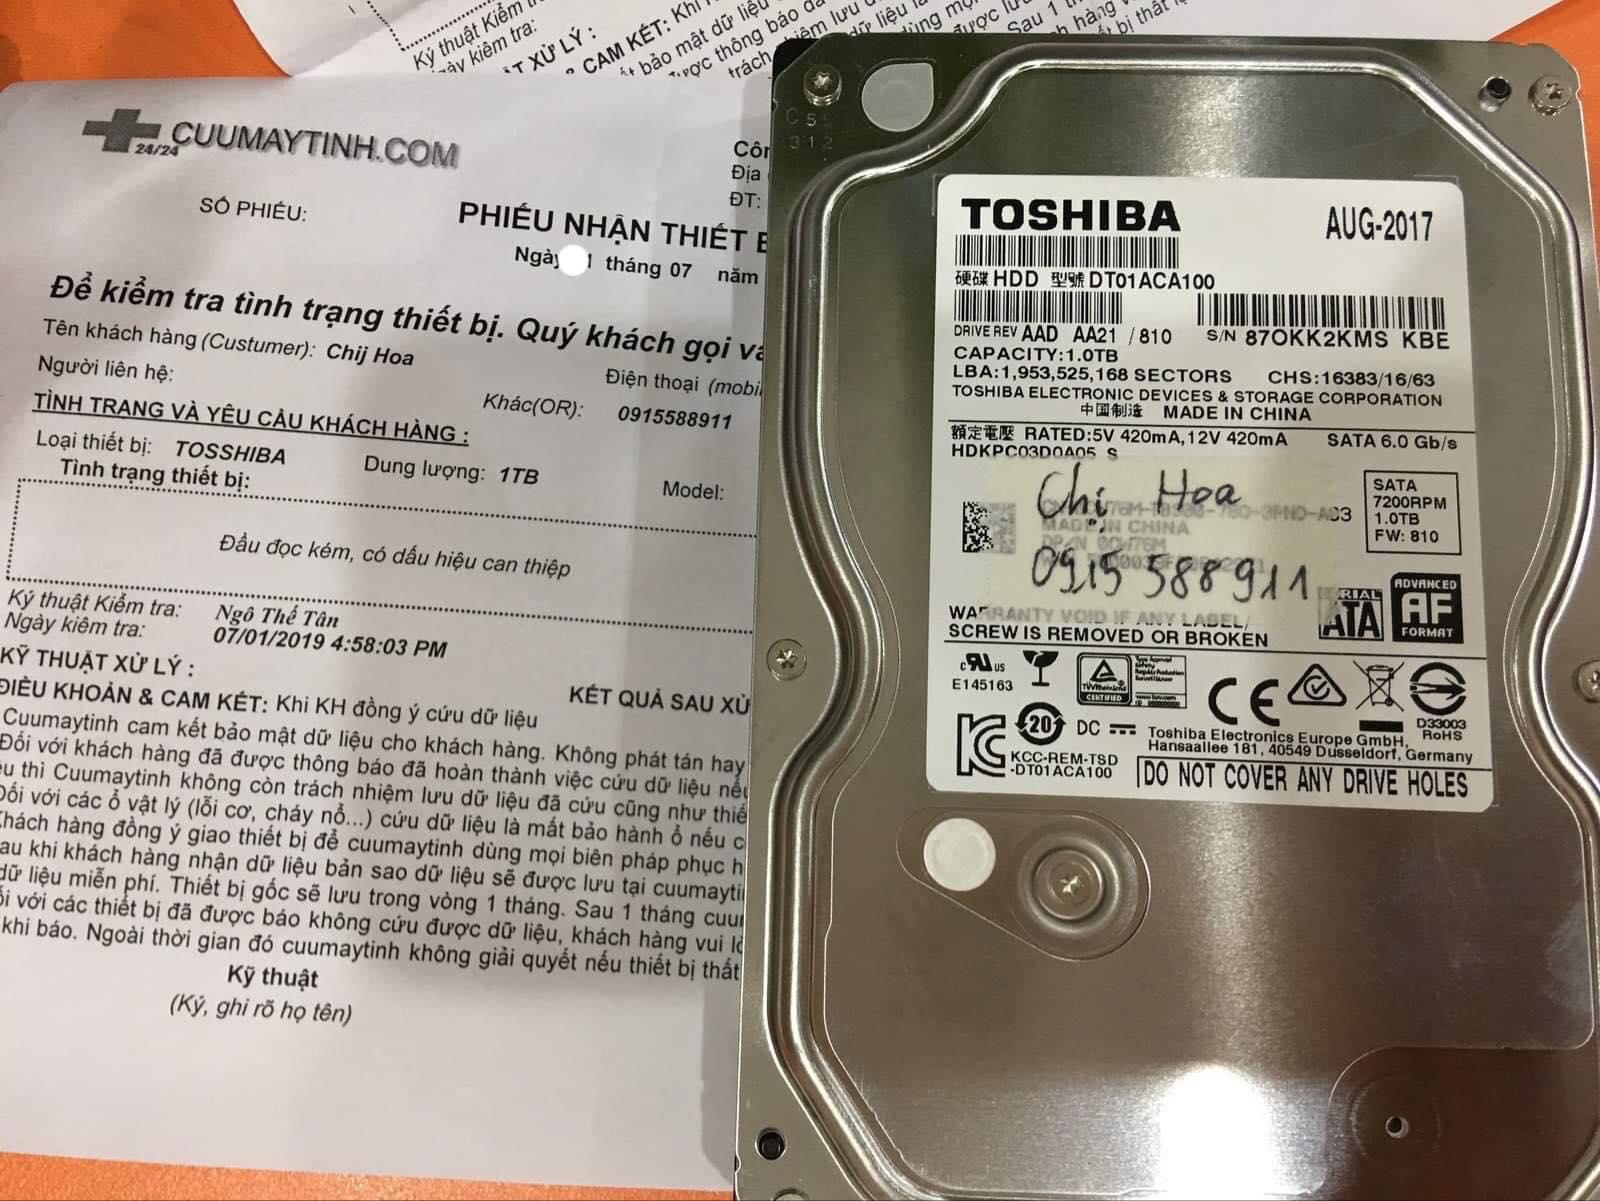 Khôi phục dữ liệu ổ cứng Toshiba 1TB đầu đọc kém15/07/2019 - cuumaytinh